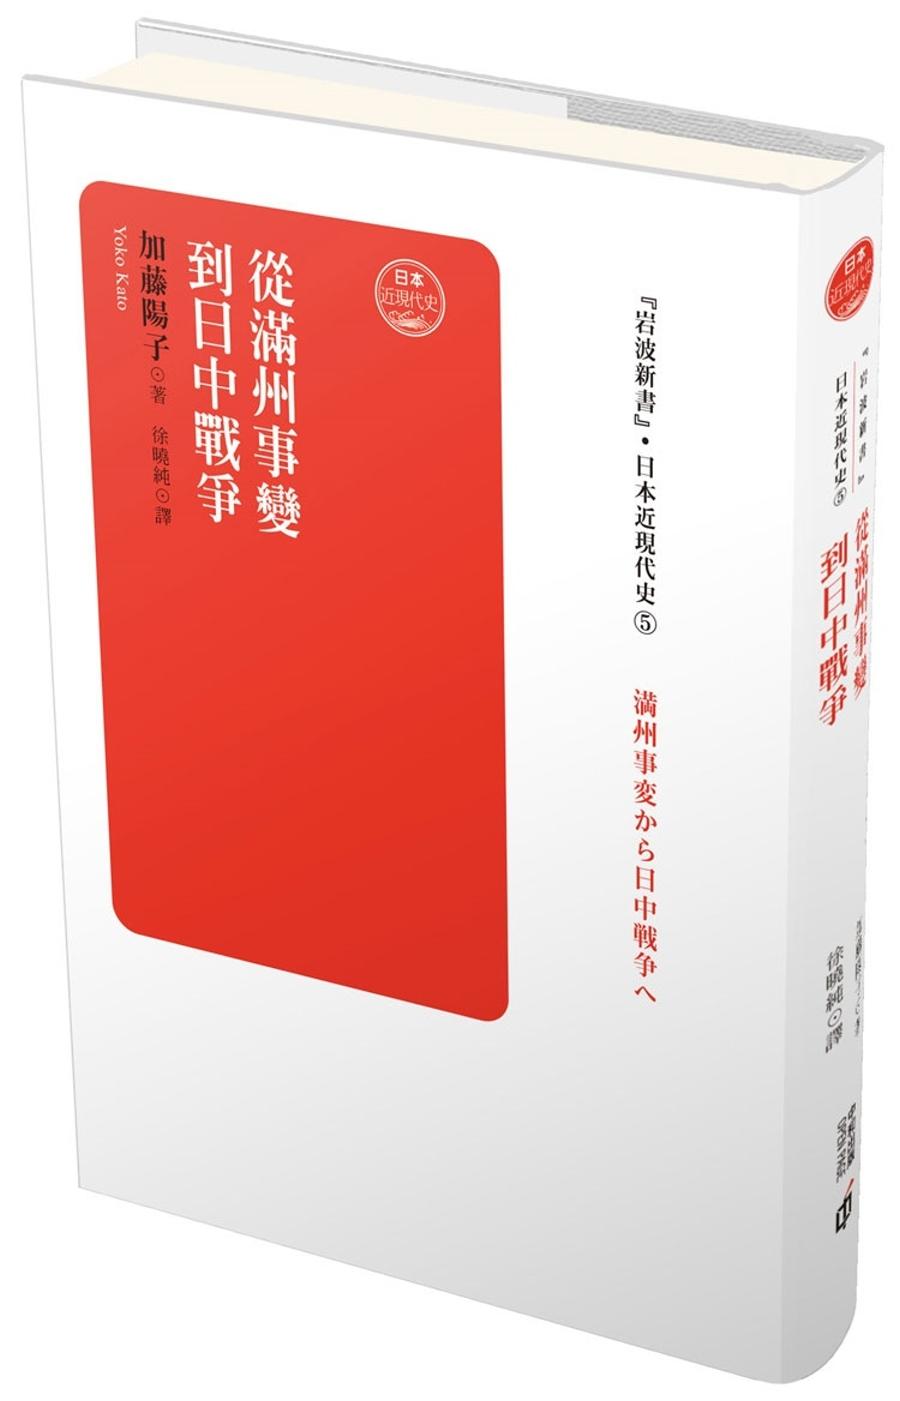 日本近現代史卷五:從滿州事變到日中戰爭